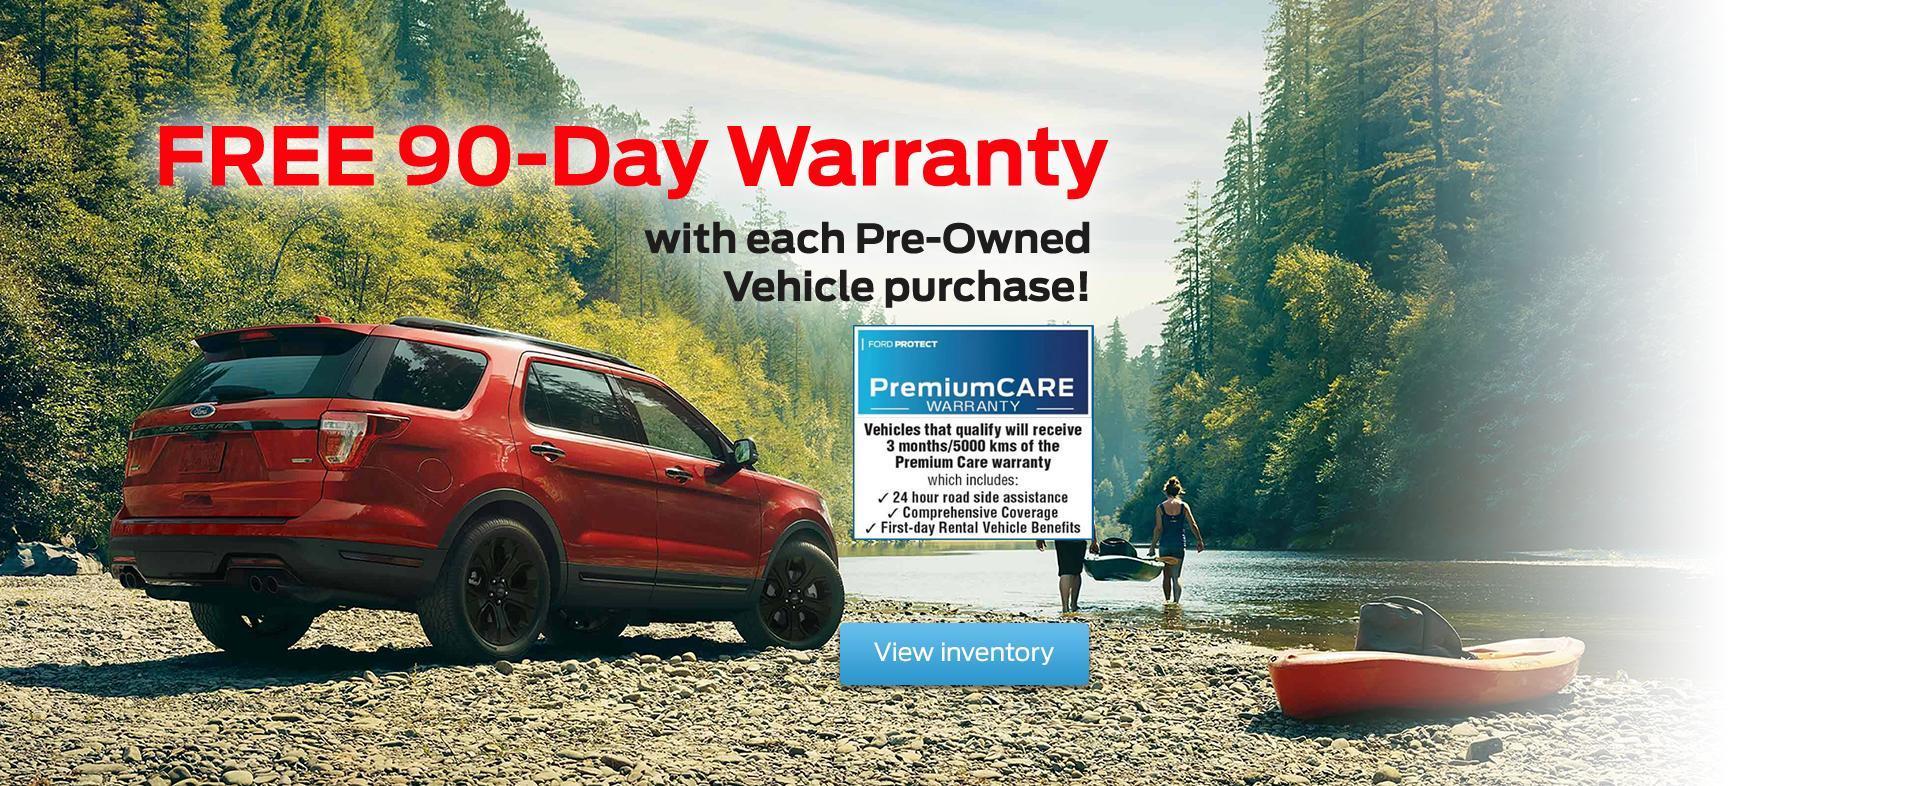 Ford 90 day warranty